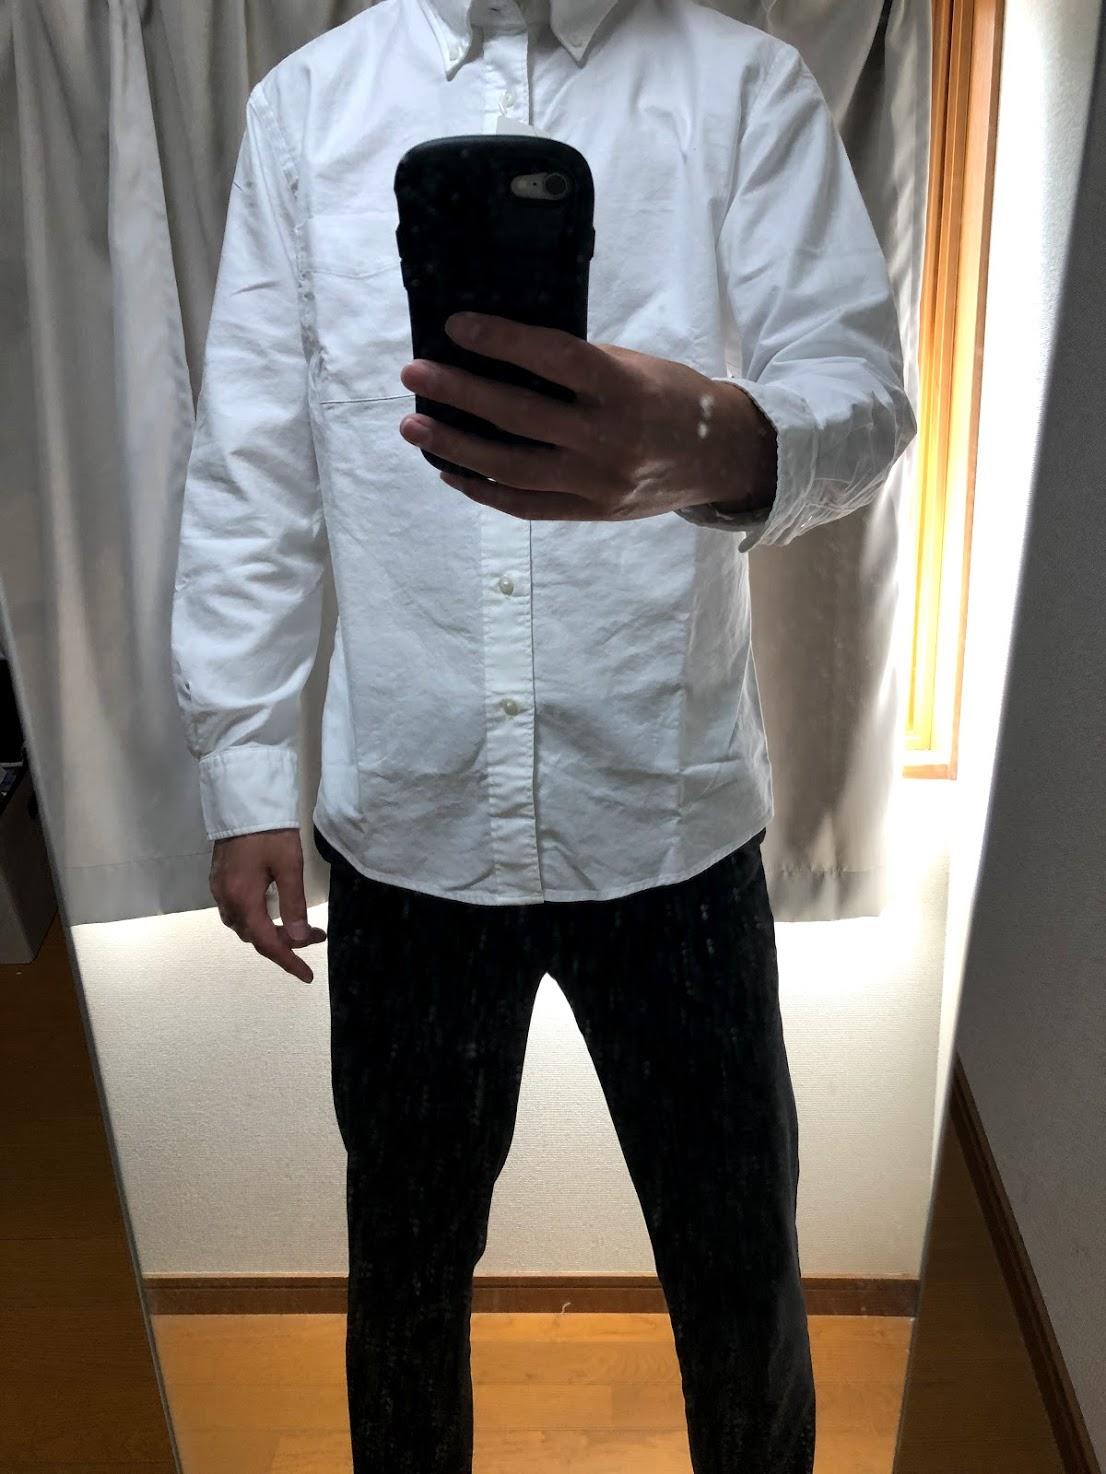 ユニクロ 通常販売 白シャツ サイズ感